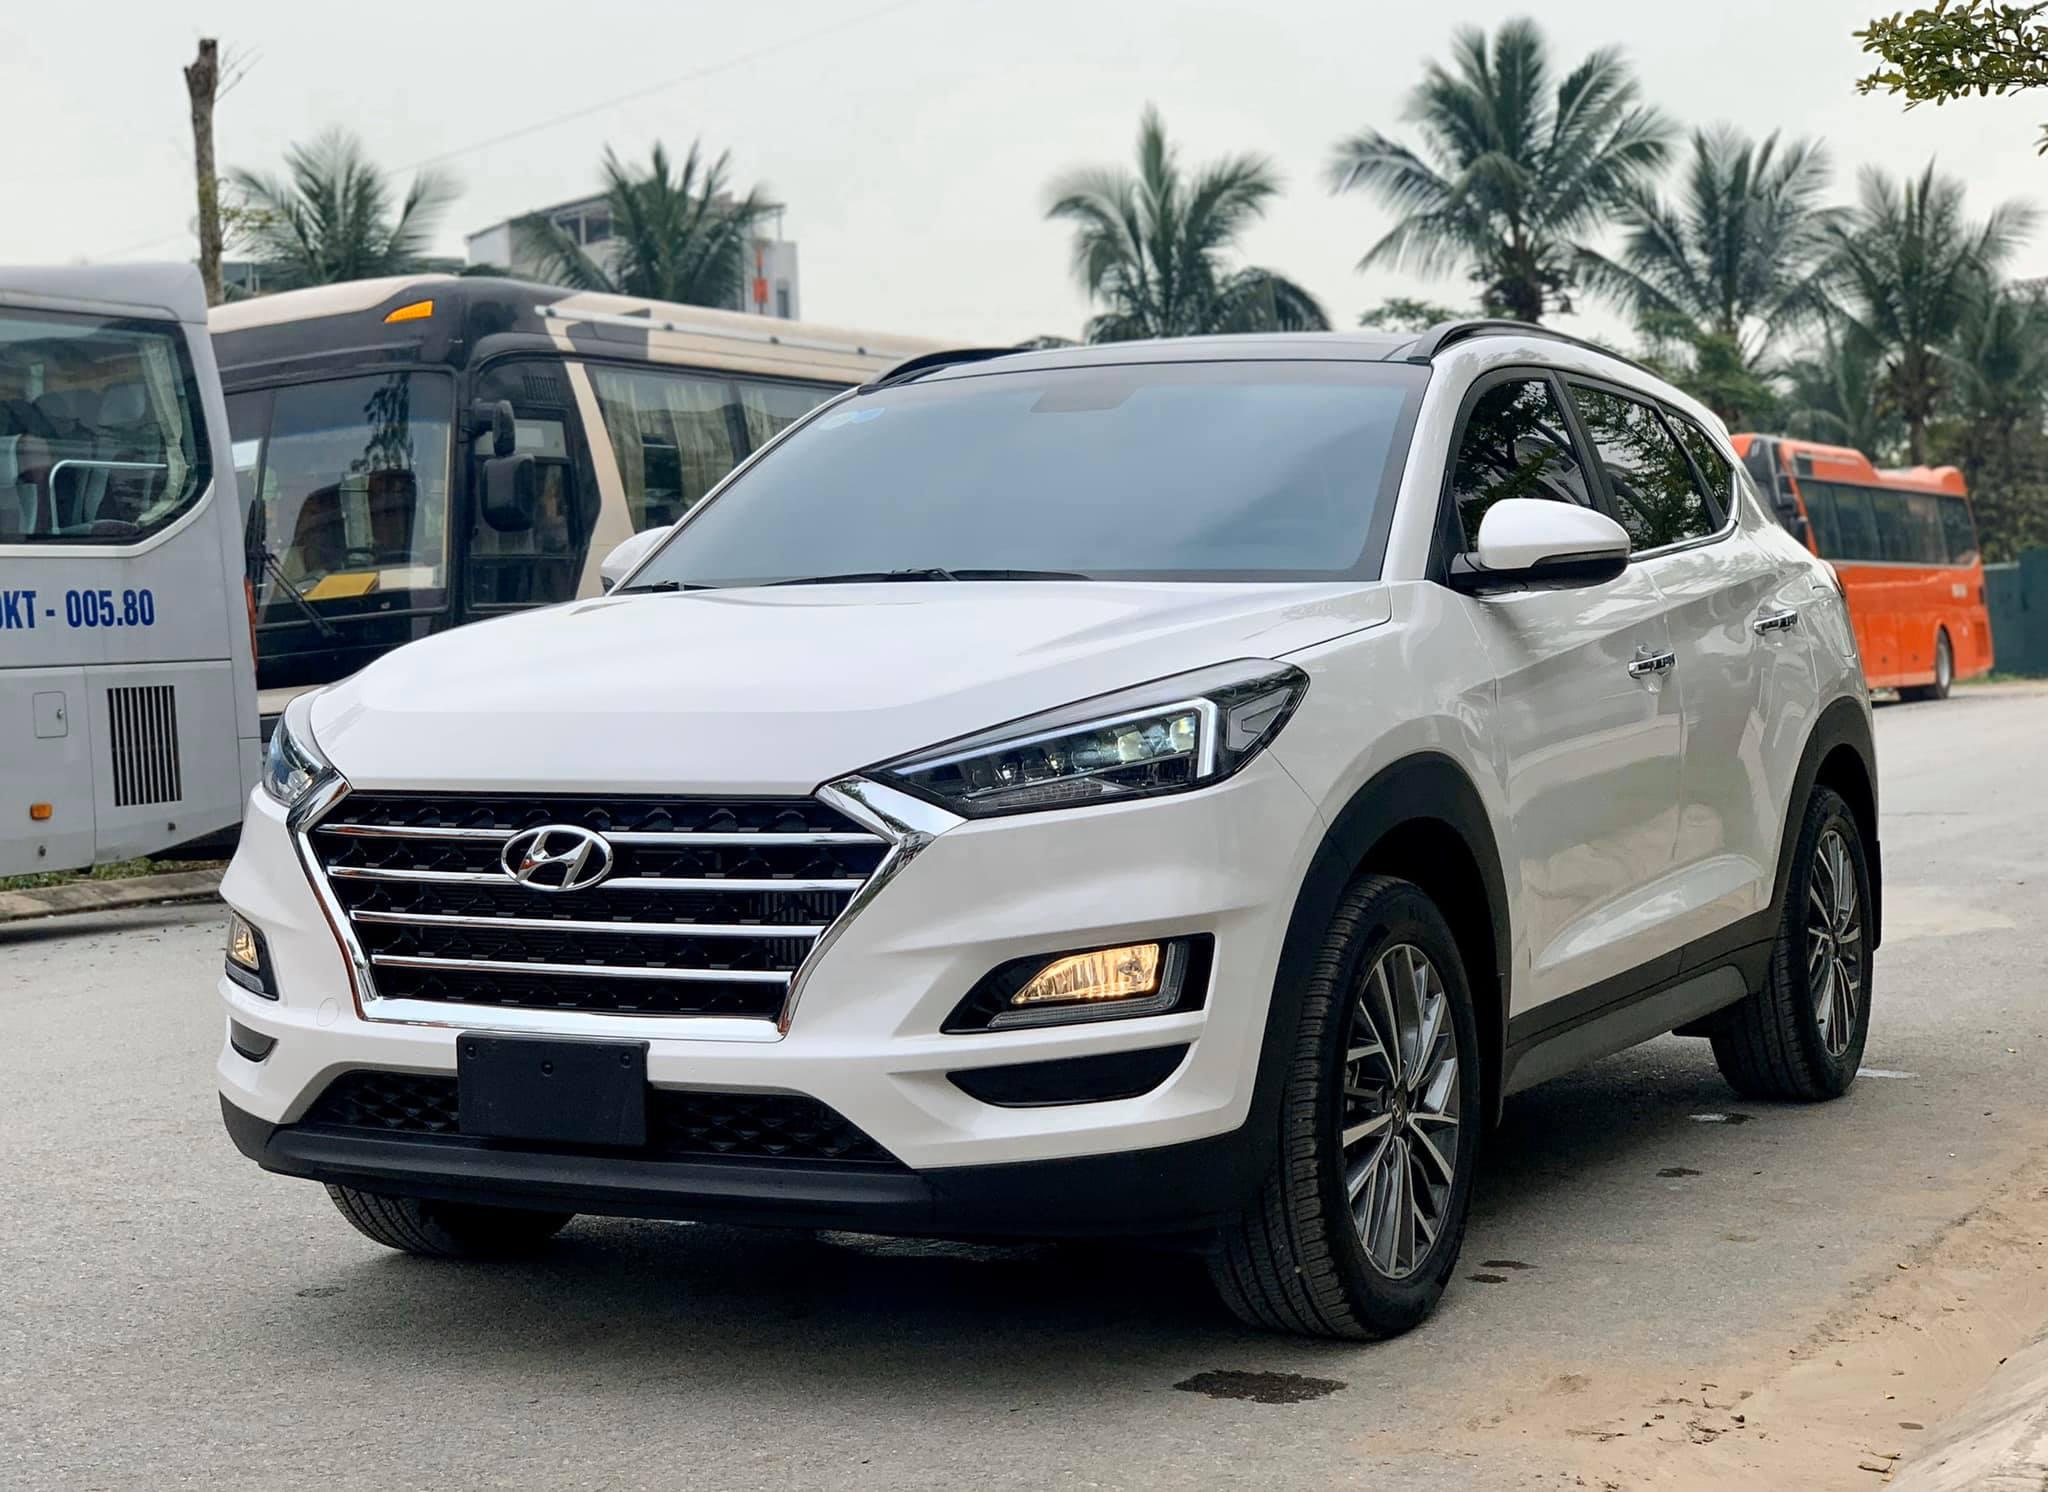 Hyundai Tucson máy dầu giảm giá mạnh 75 triệu đồng - 2